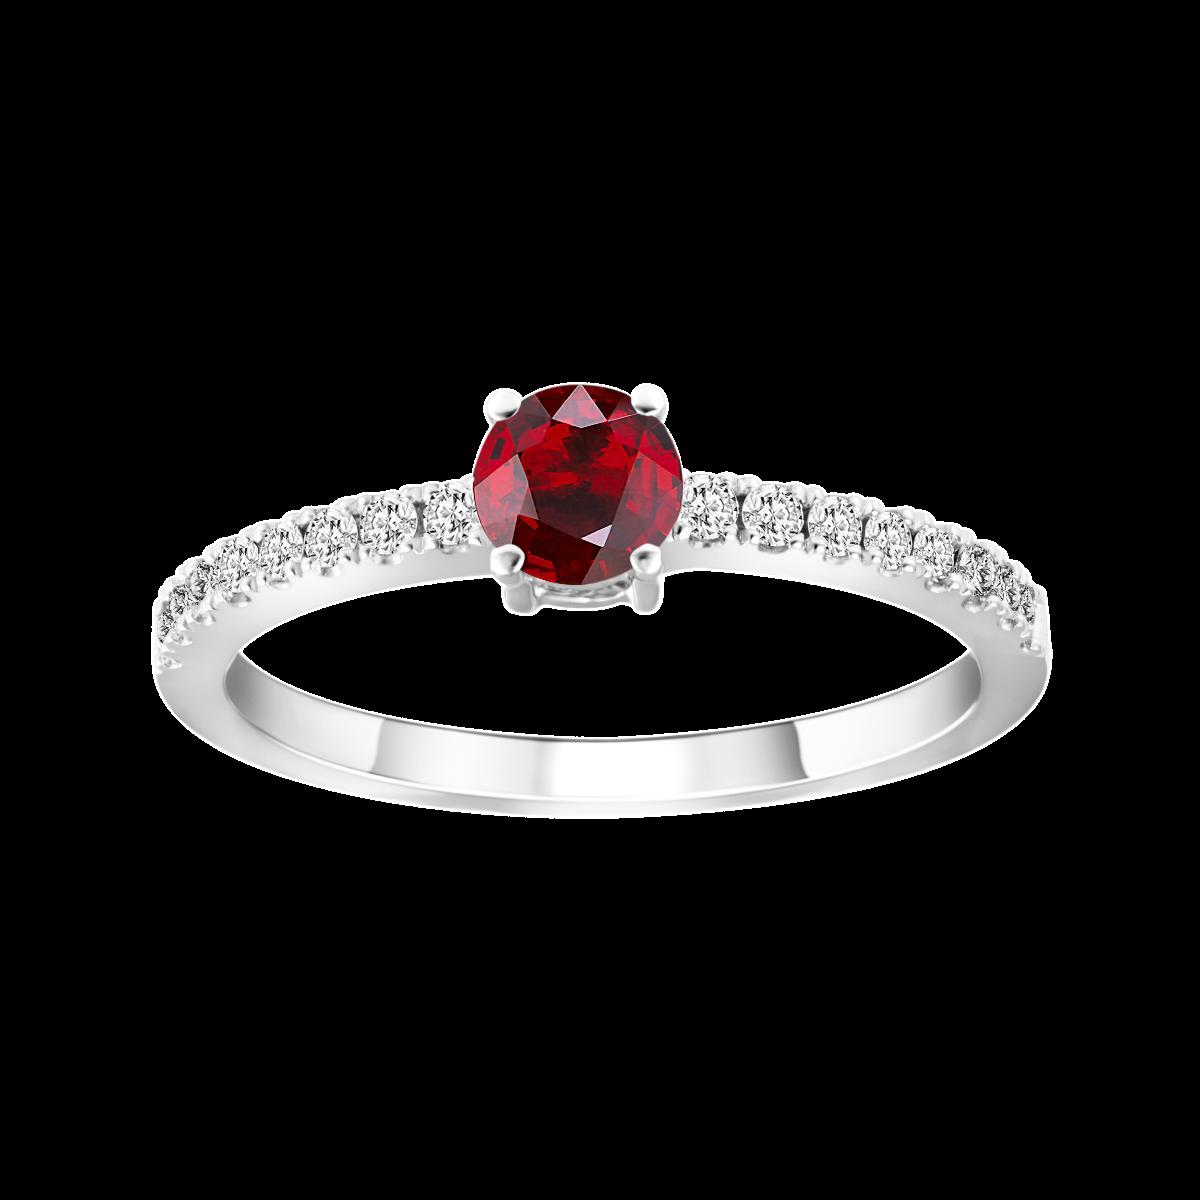 Solitario de rubí y diamantes